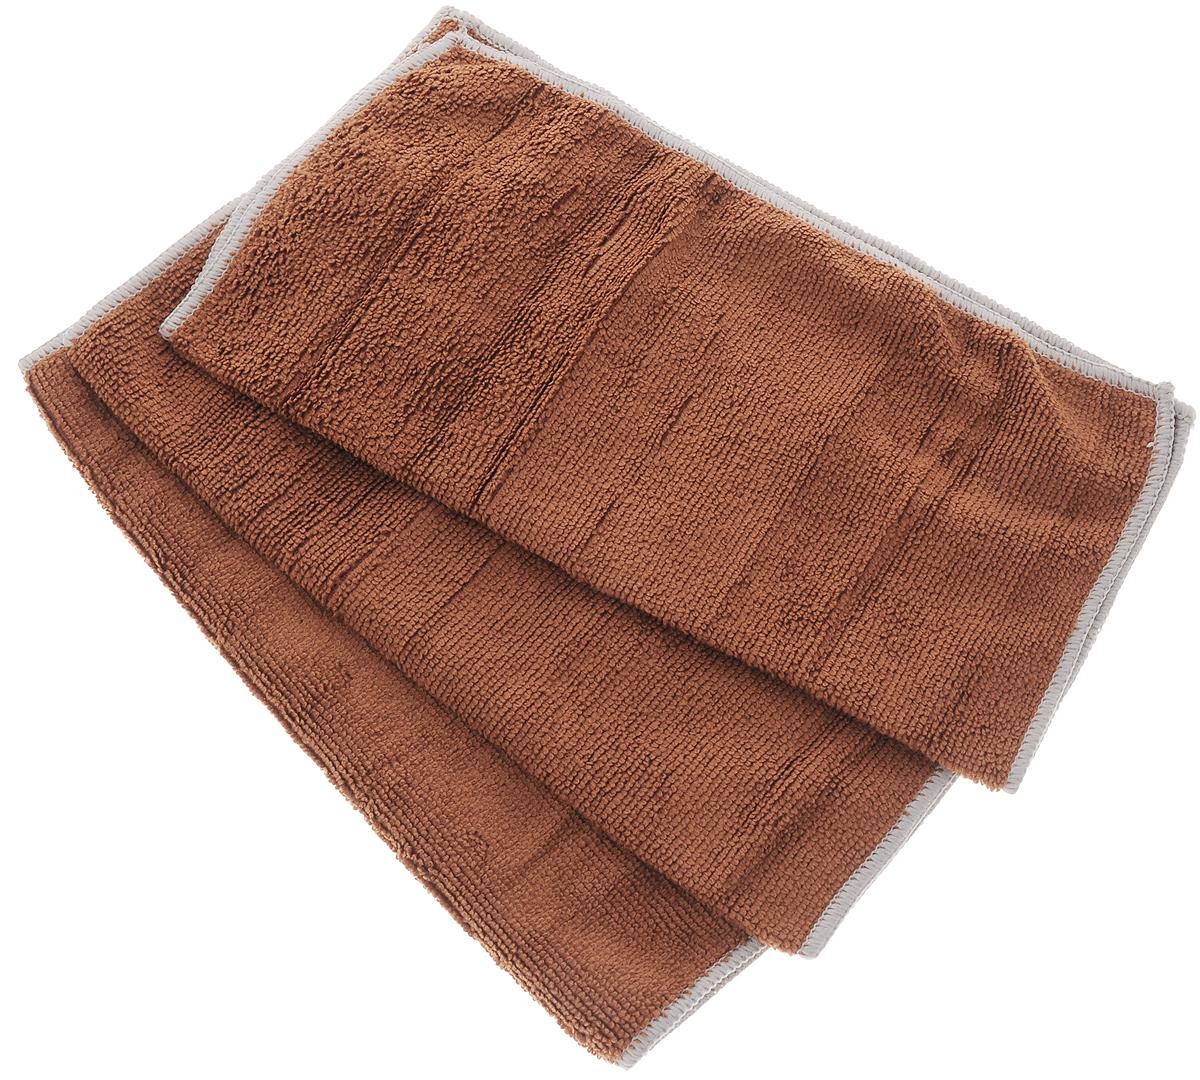 Набор универсальных салфеток Фэйт Вэриес, цвет: коричневый, 30 х 30 см, 3 шт1304057_коричневыйНабор Фэйт Вэриес состоит из 3 универсальных салфеток, выполненных из микрофибры. Такие салфетки не оставляют ворсинок, подходят для многократного использования, отлично впитывают влагу. Комплектация: 3 шт. Размер салфетки: 30 х 30 см.